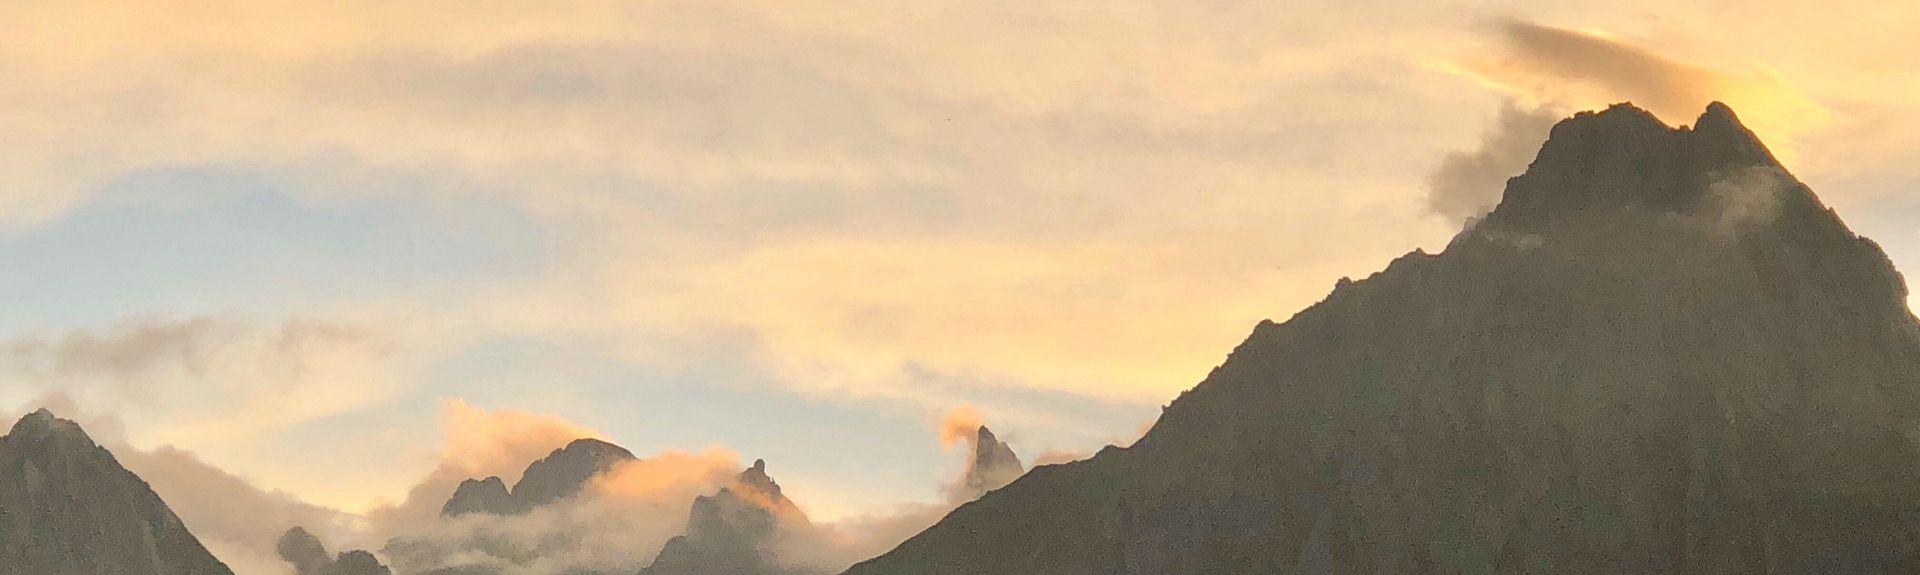 Col d'Aubisque, Béost, Pyrénées-Atlantiques, France